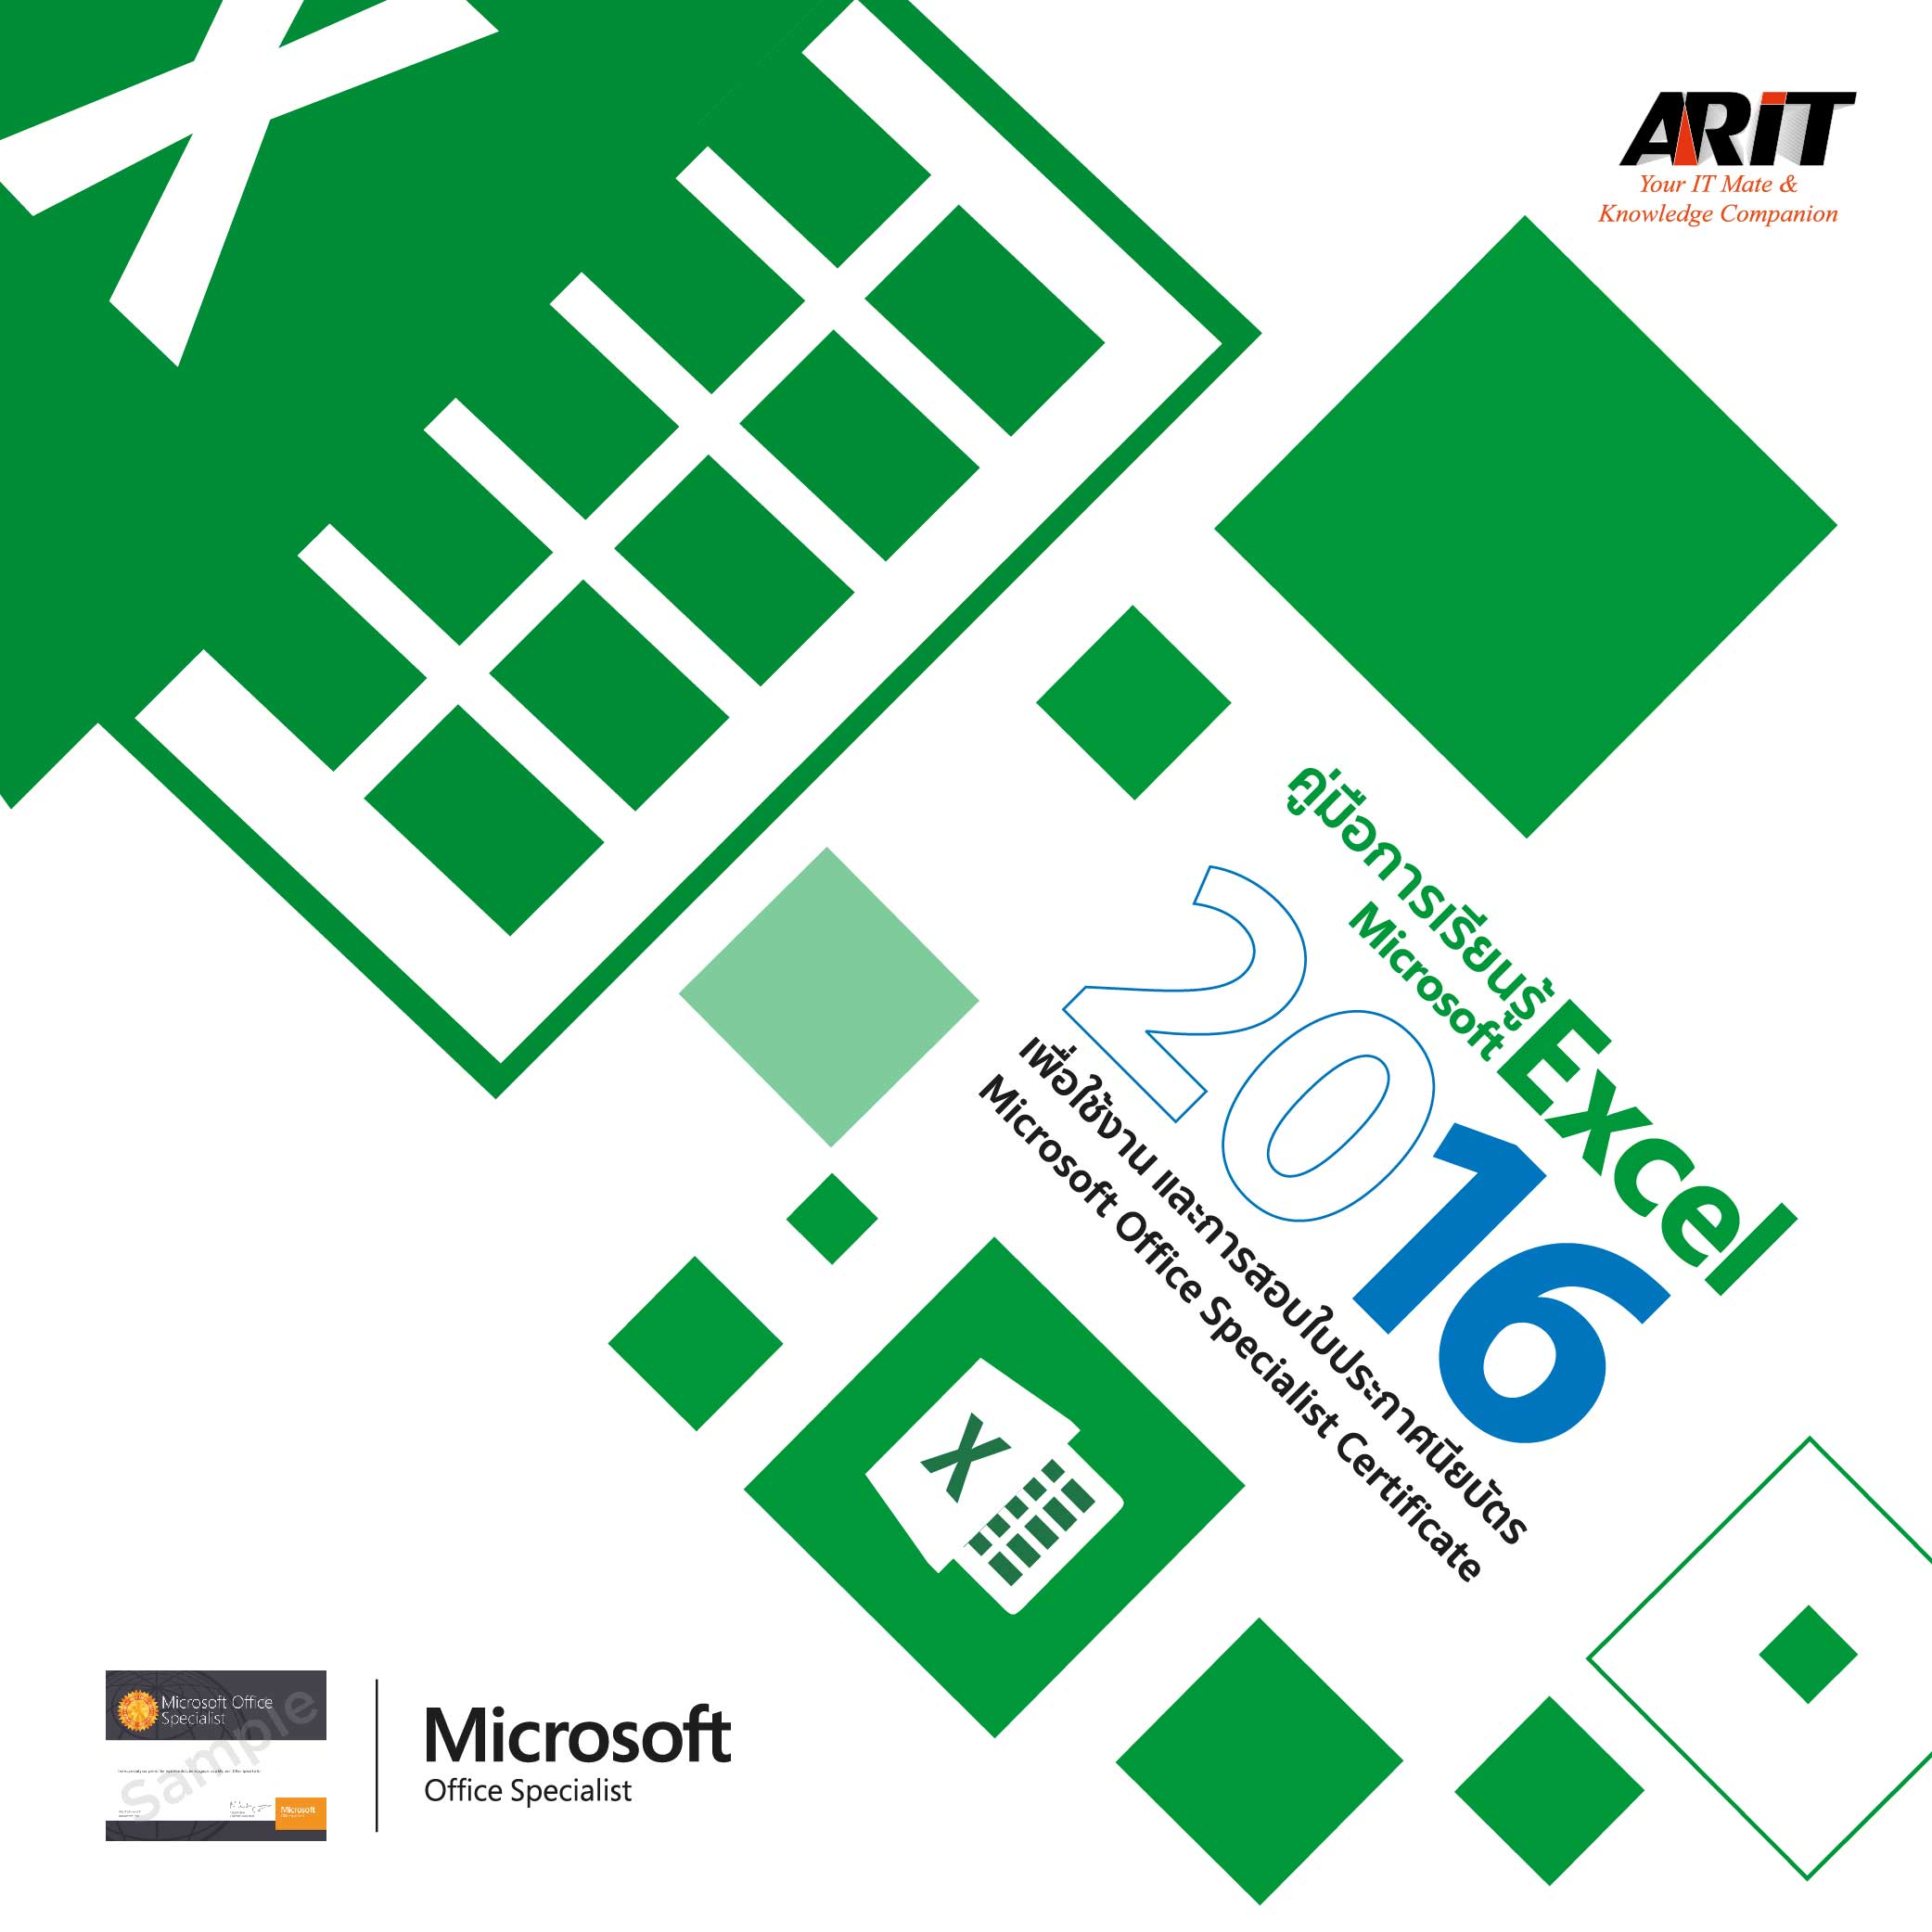 แนะนำคู่มือเรียนรู้ Microsoft Excel 2016 : ช่วยลดการทำงานที่ซับซ้อนบน Excel